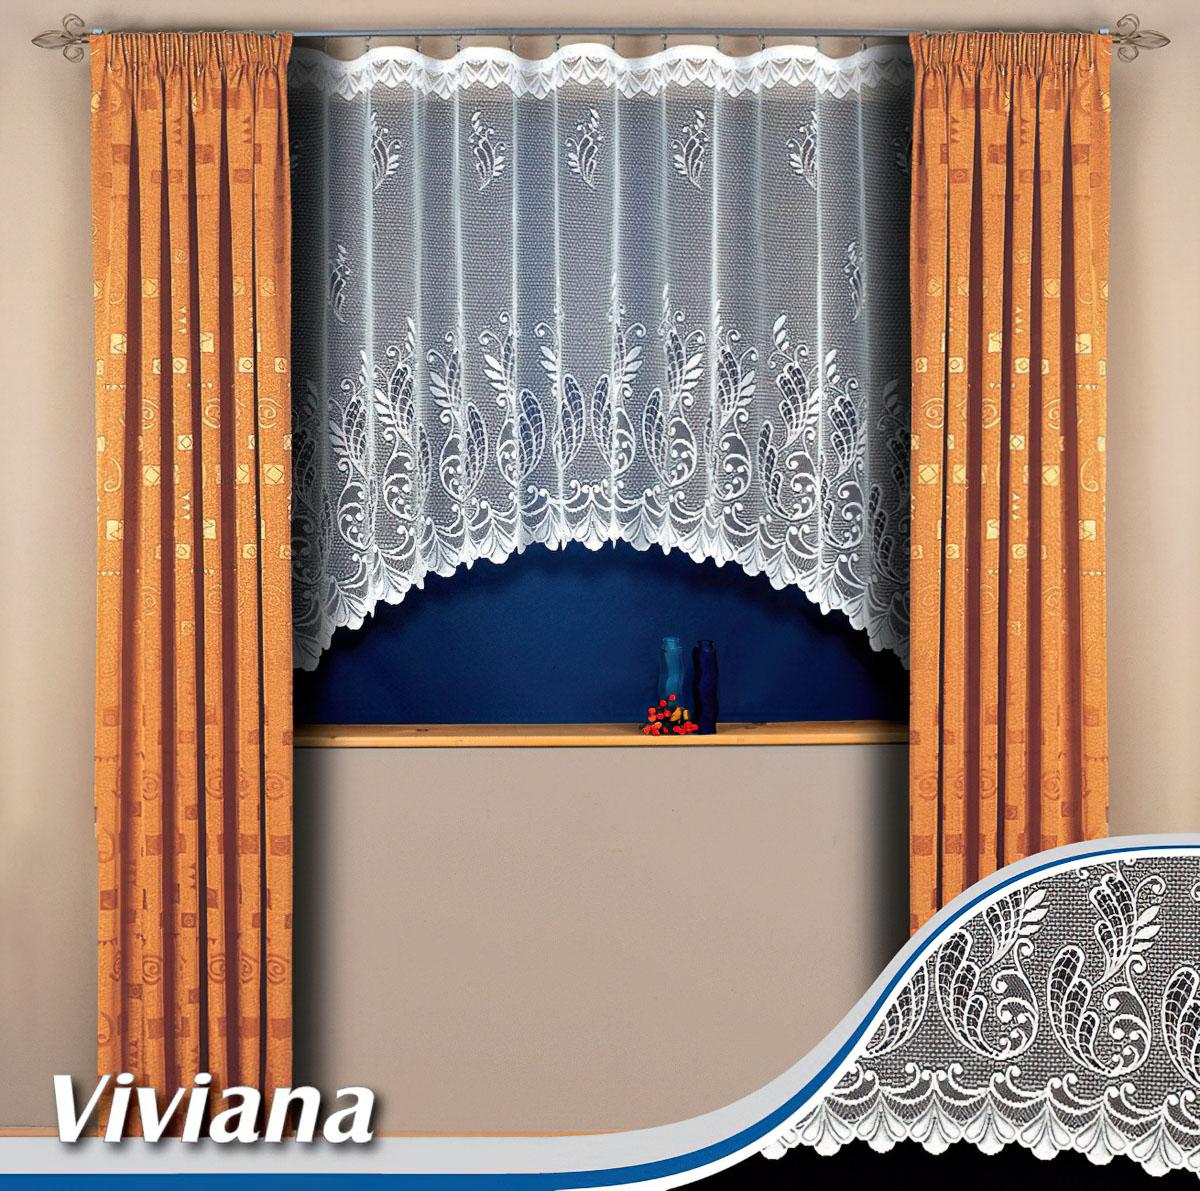 Tylex kusová záclona VIVIANA jednobarevná bílá, výška 250 cm x šířka 210 cm (na dveře)